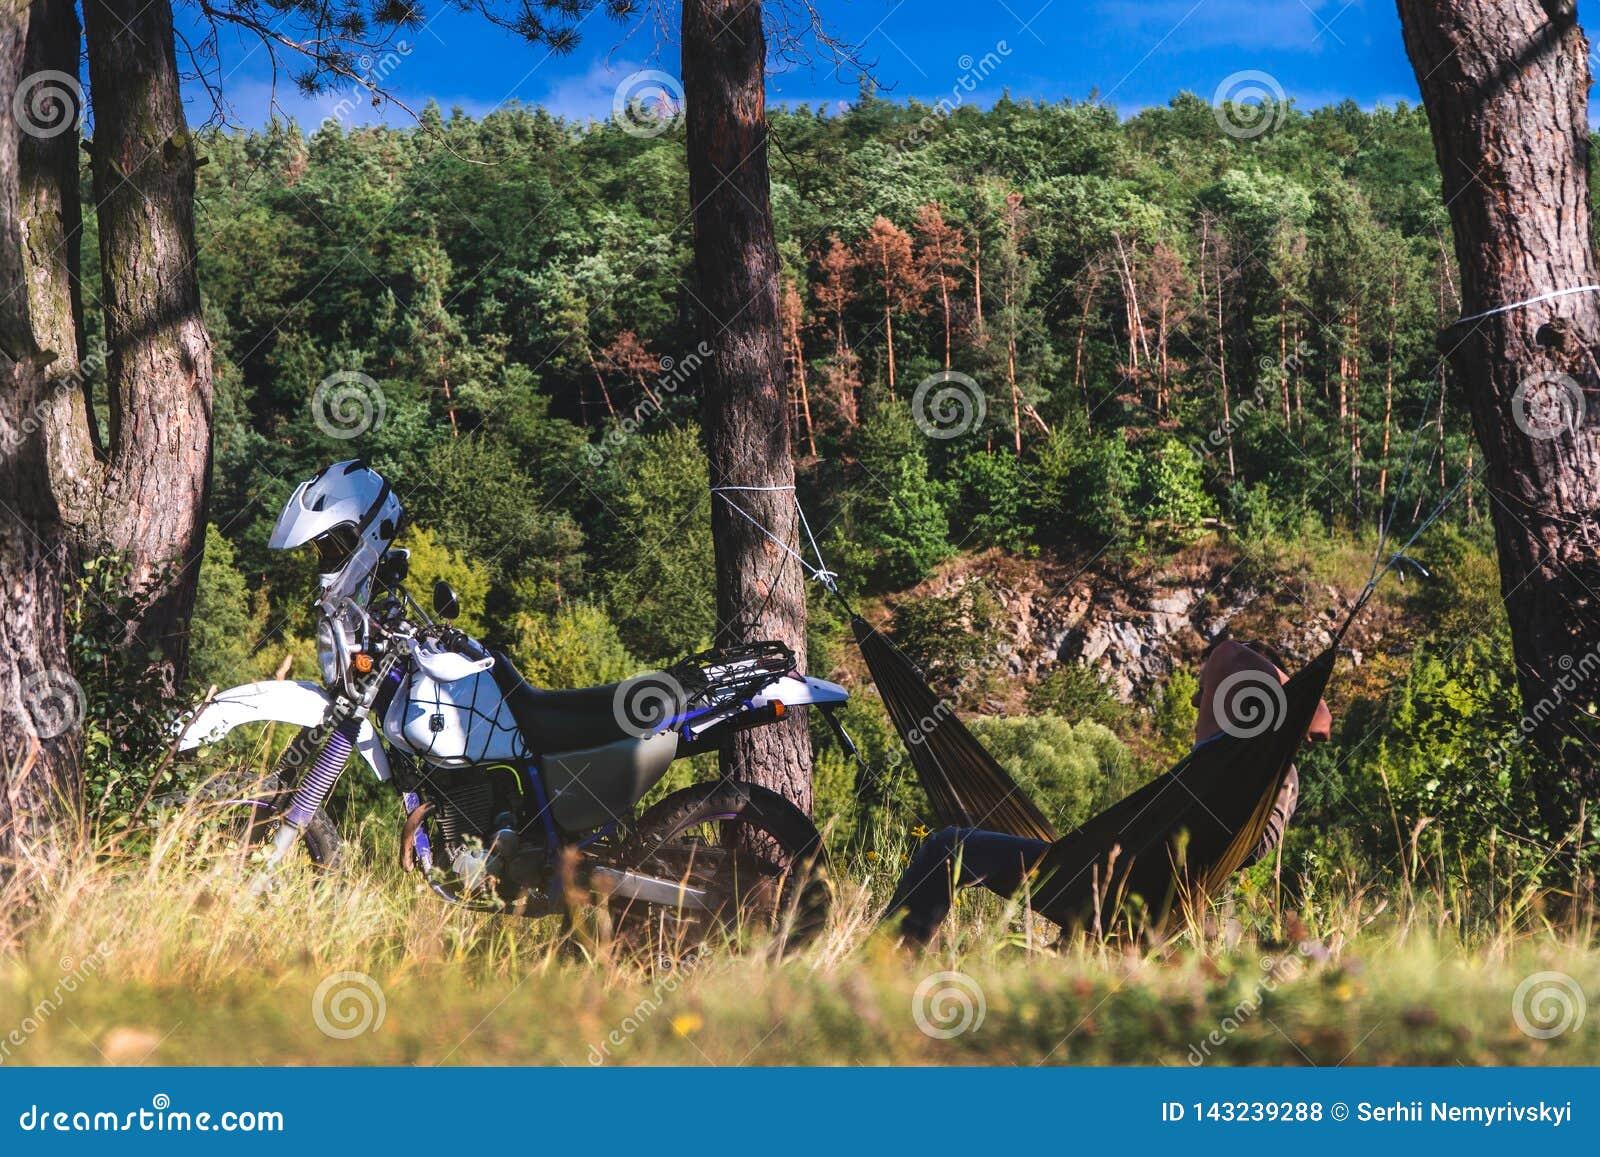 De mens in een hangmat op pijnboom bosberg, openluchtreiziger ontspant, enduro van wegmotorfiets